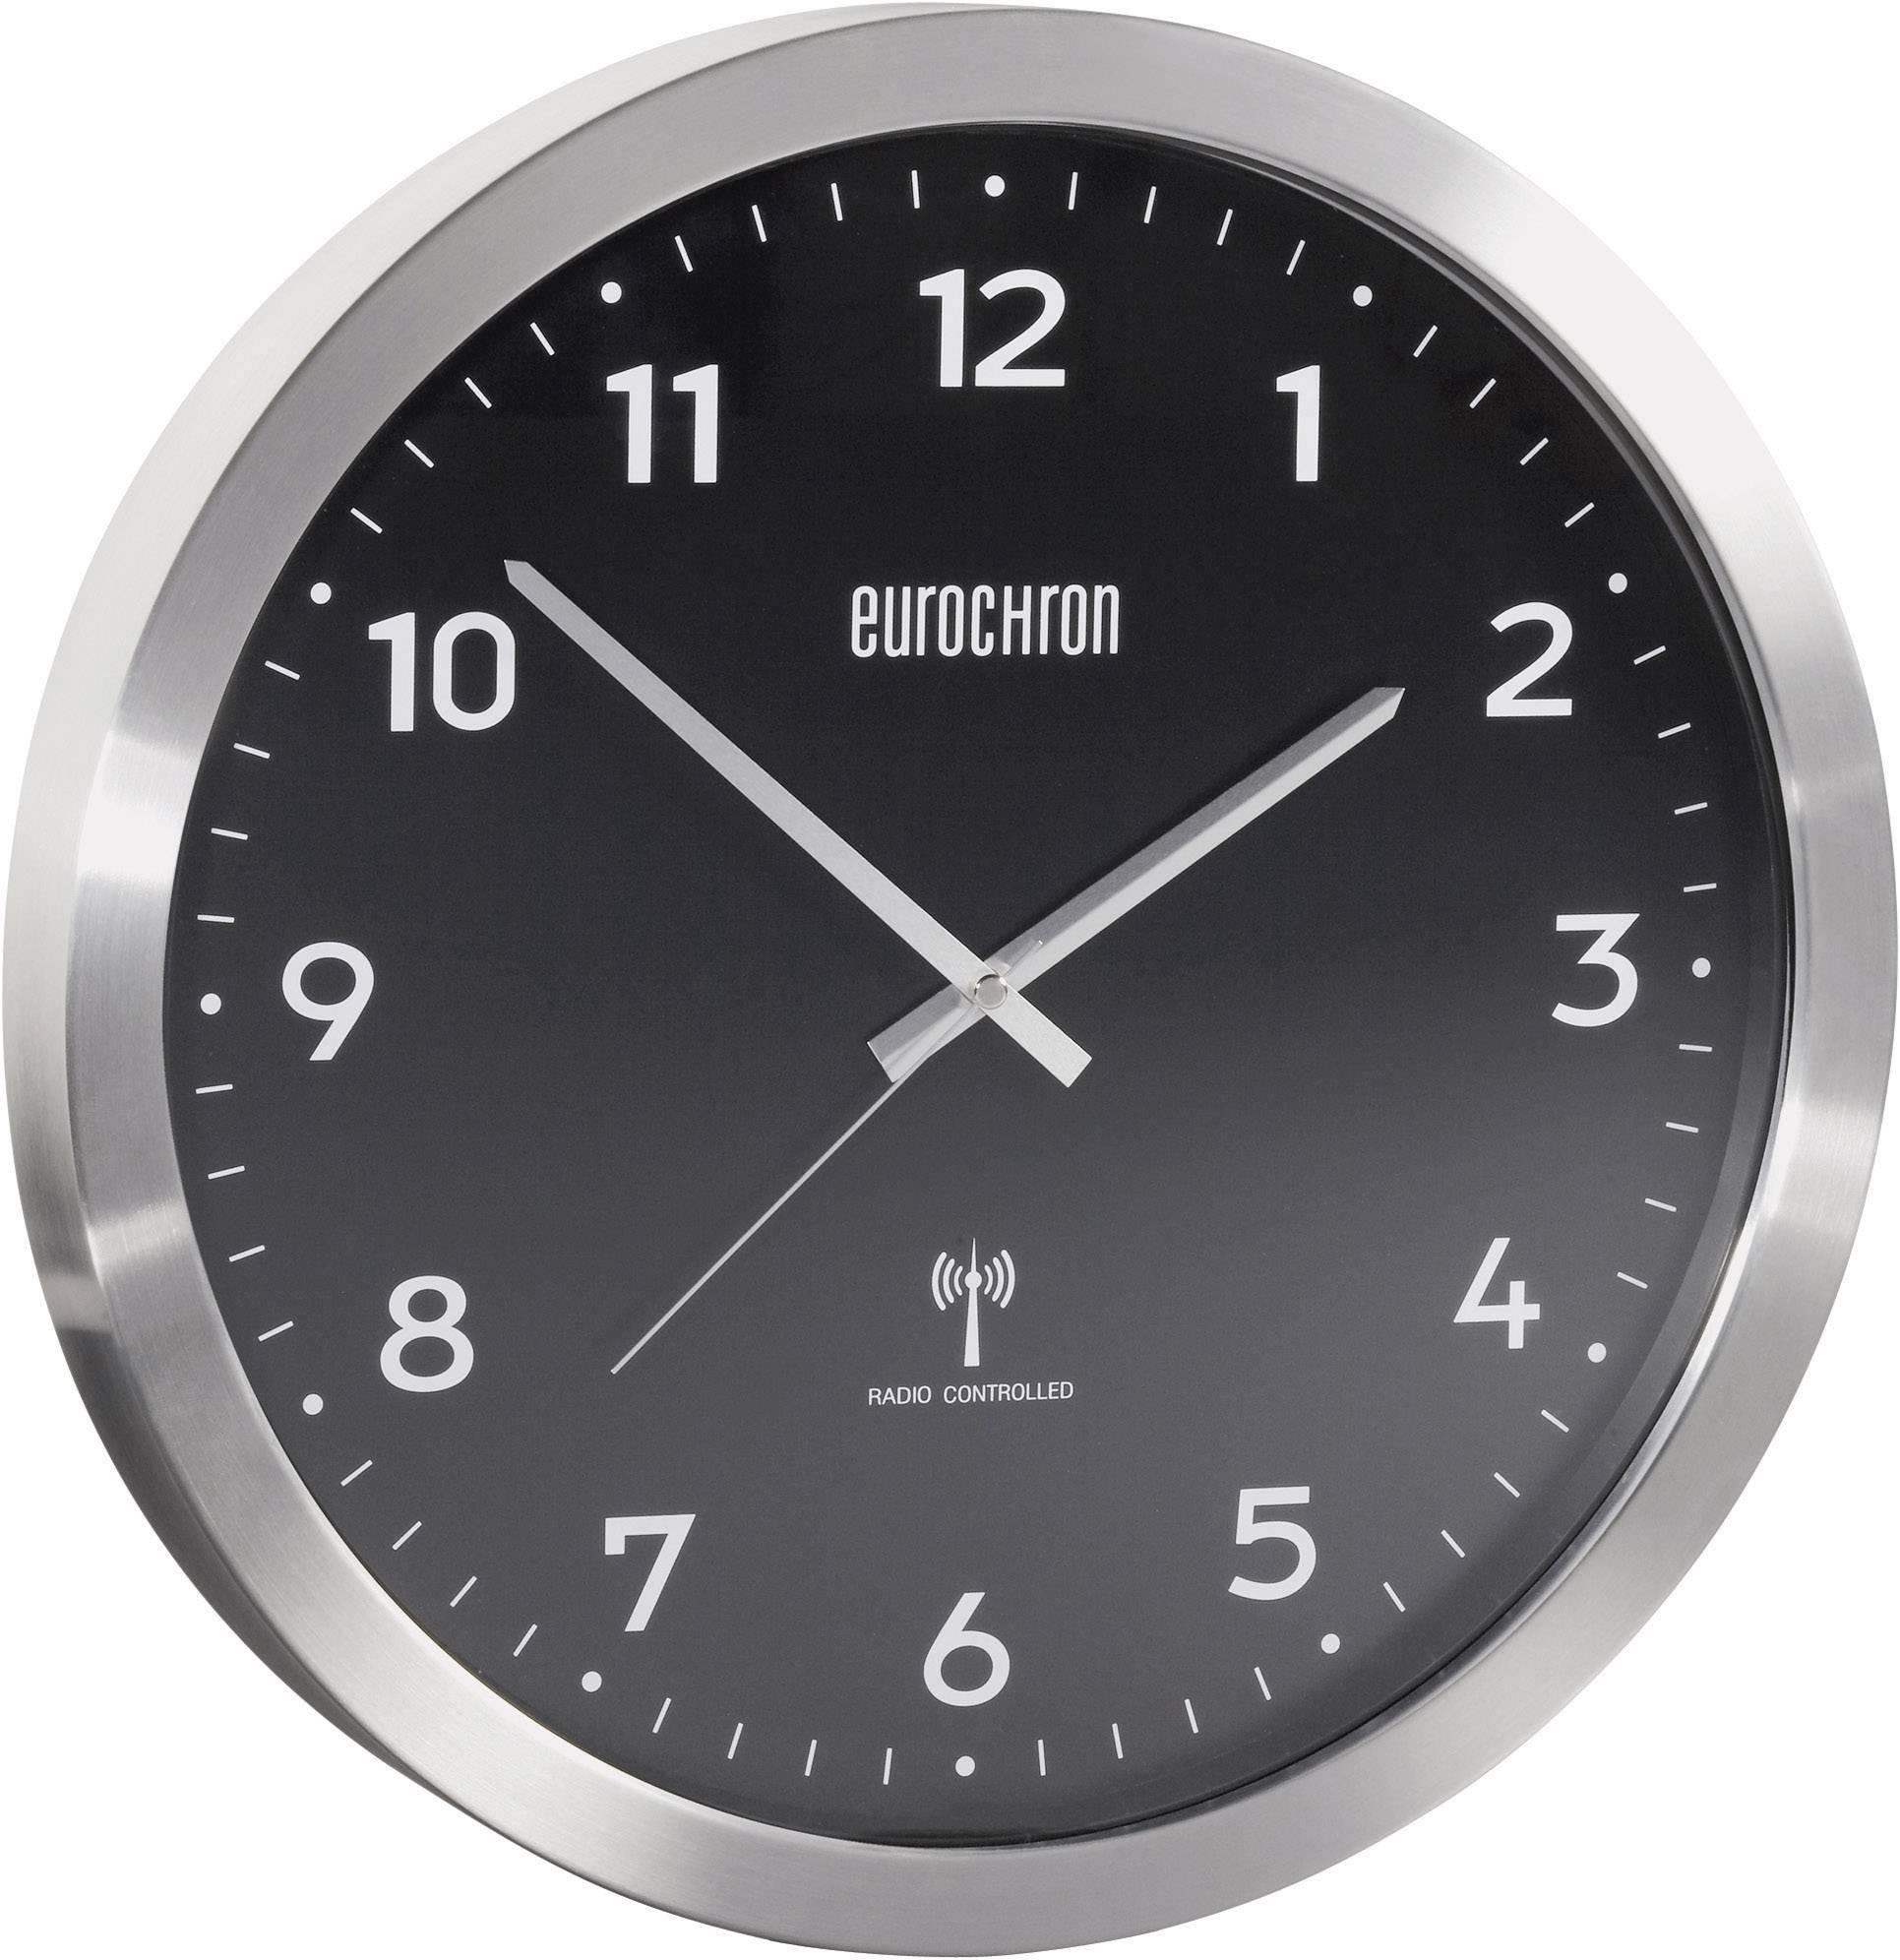 Hliníkové nástenné DCF hodiny Eurochron EFWU 2601, 38 cm, čierne